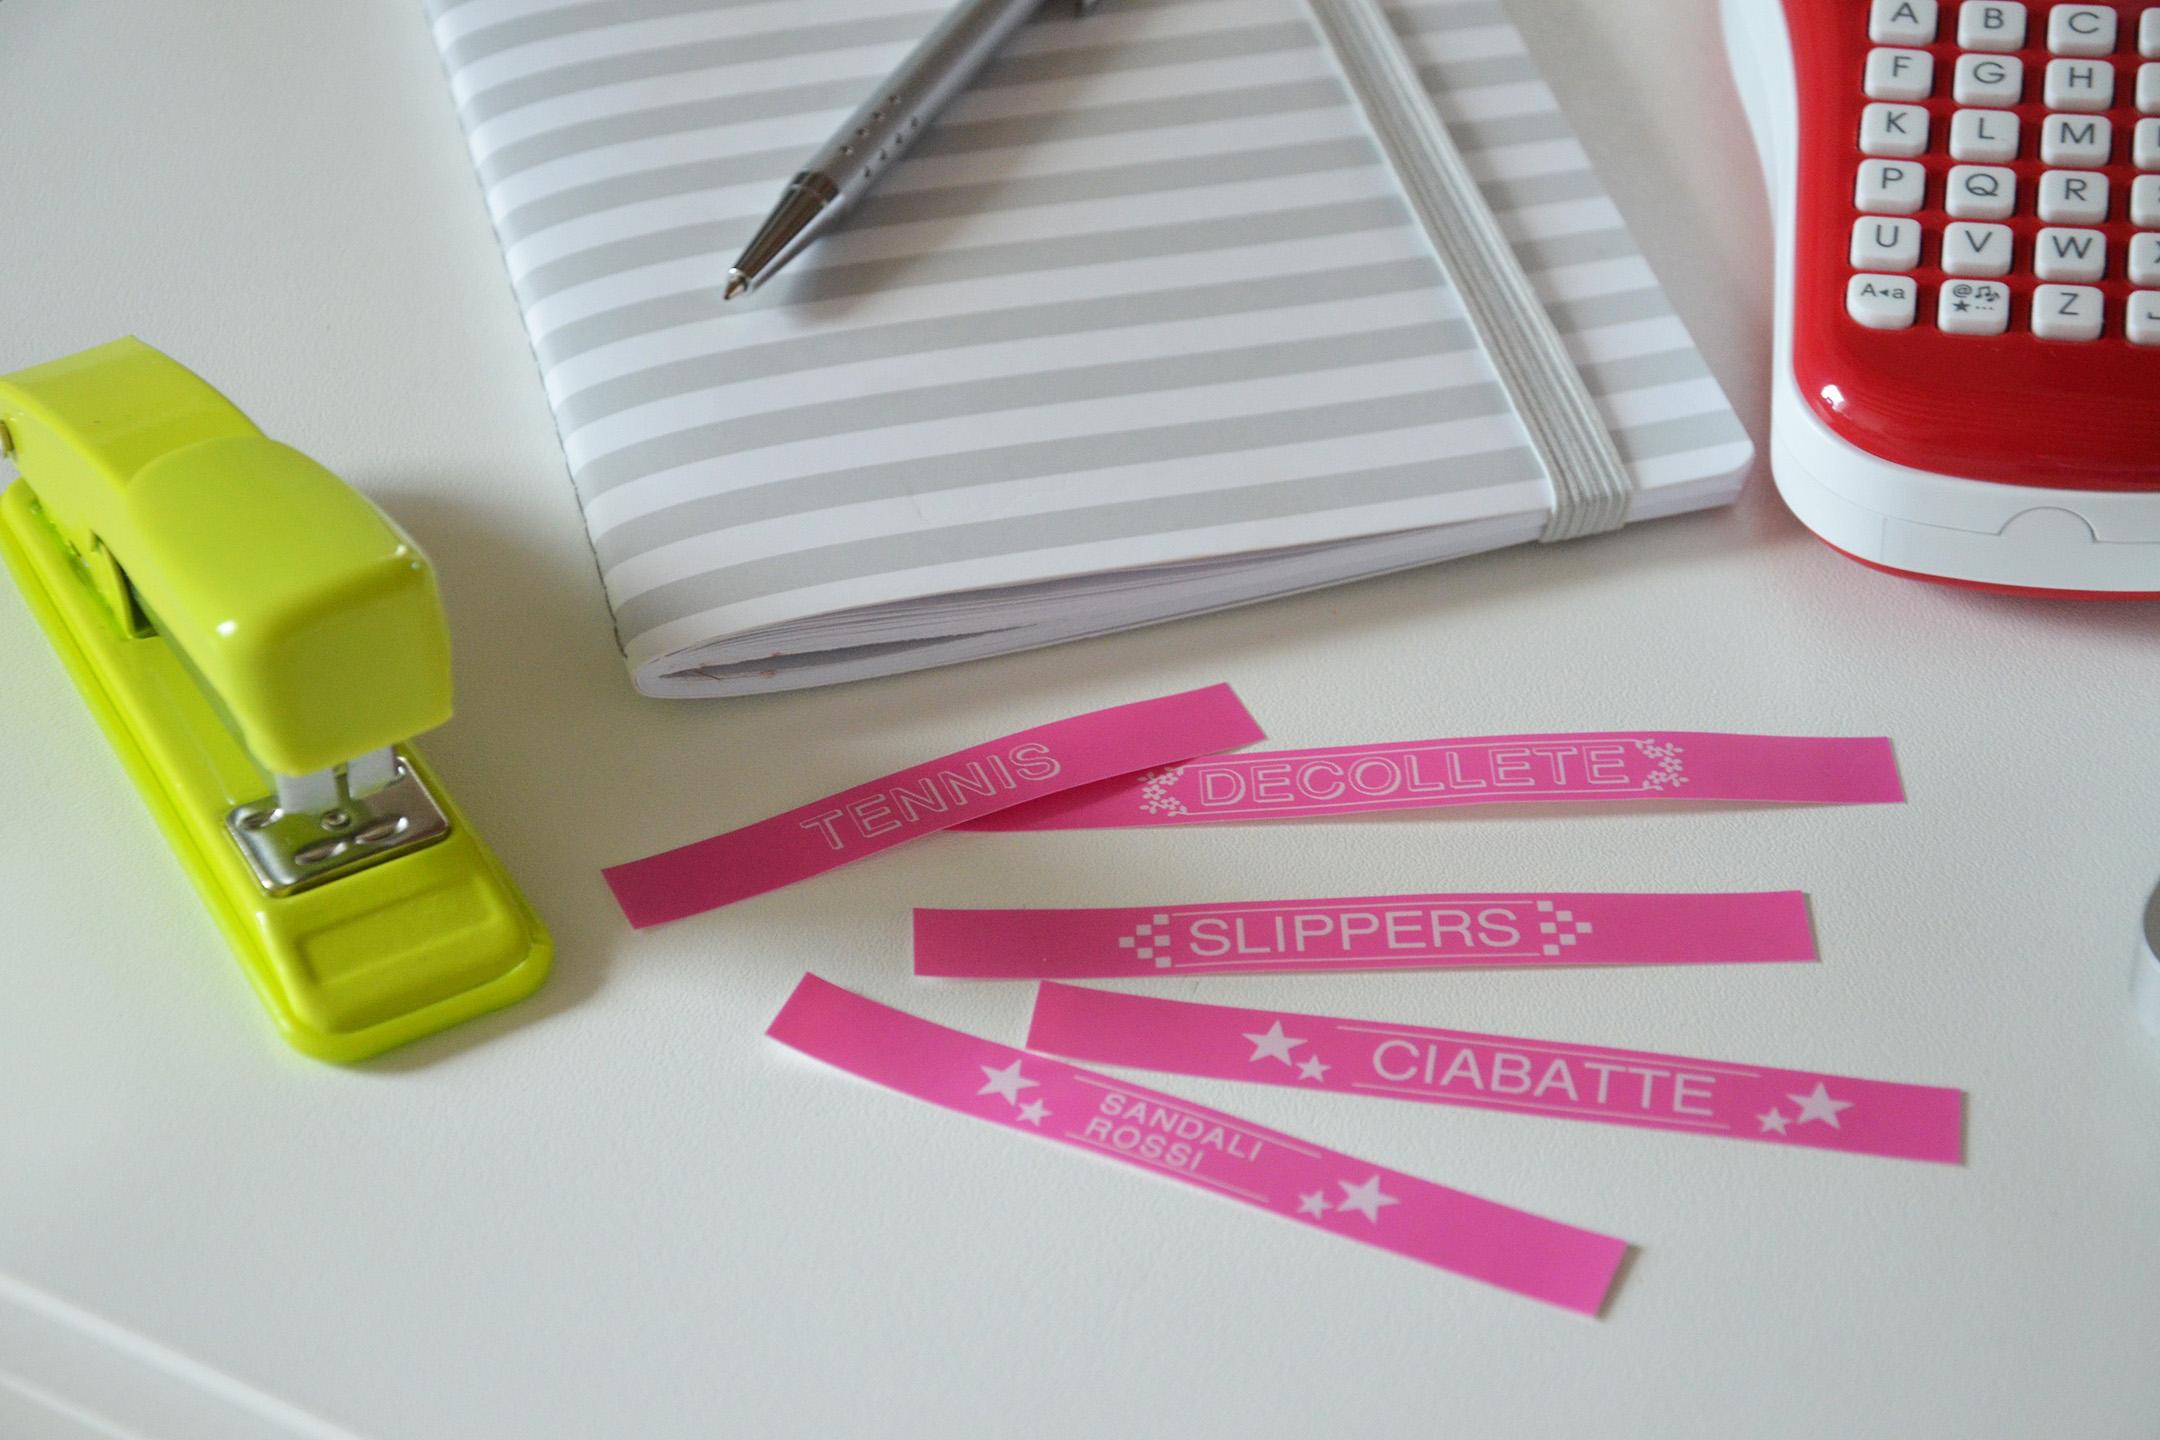 brother-etichette-alessia-canella-etichettatrice-etichettare-armadio-work-station-organizzazione